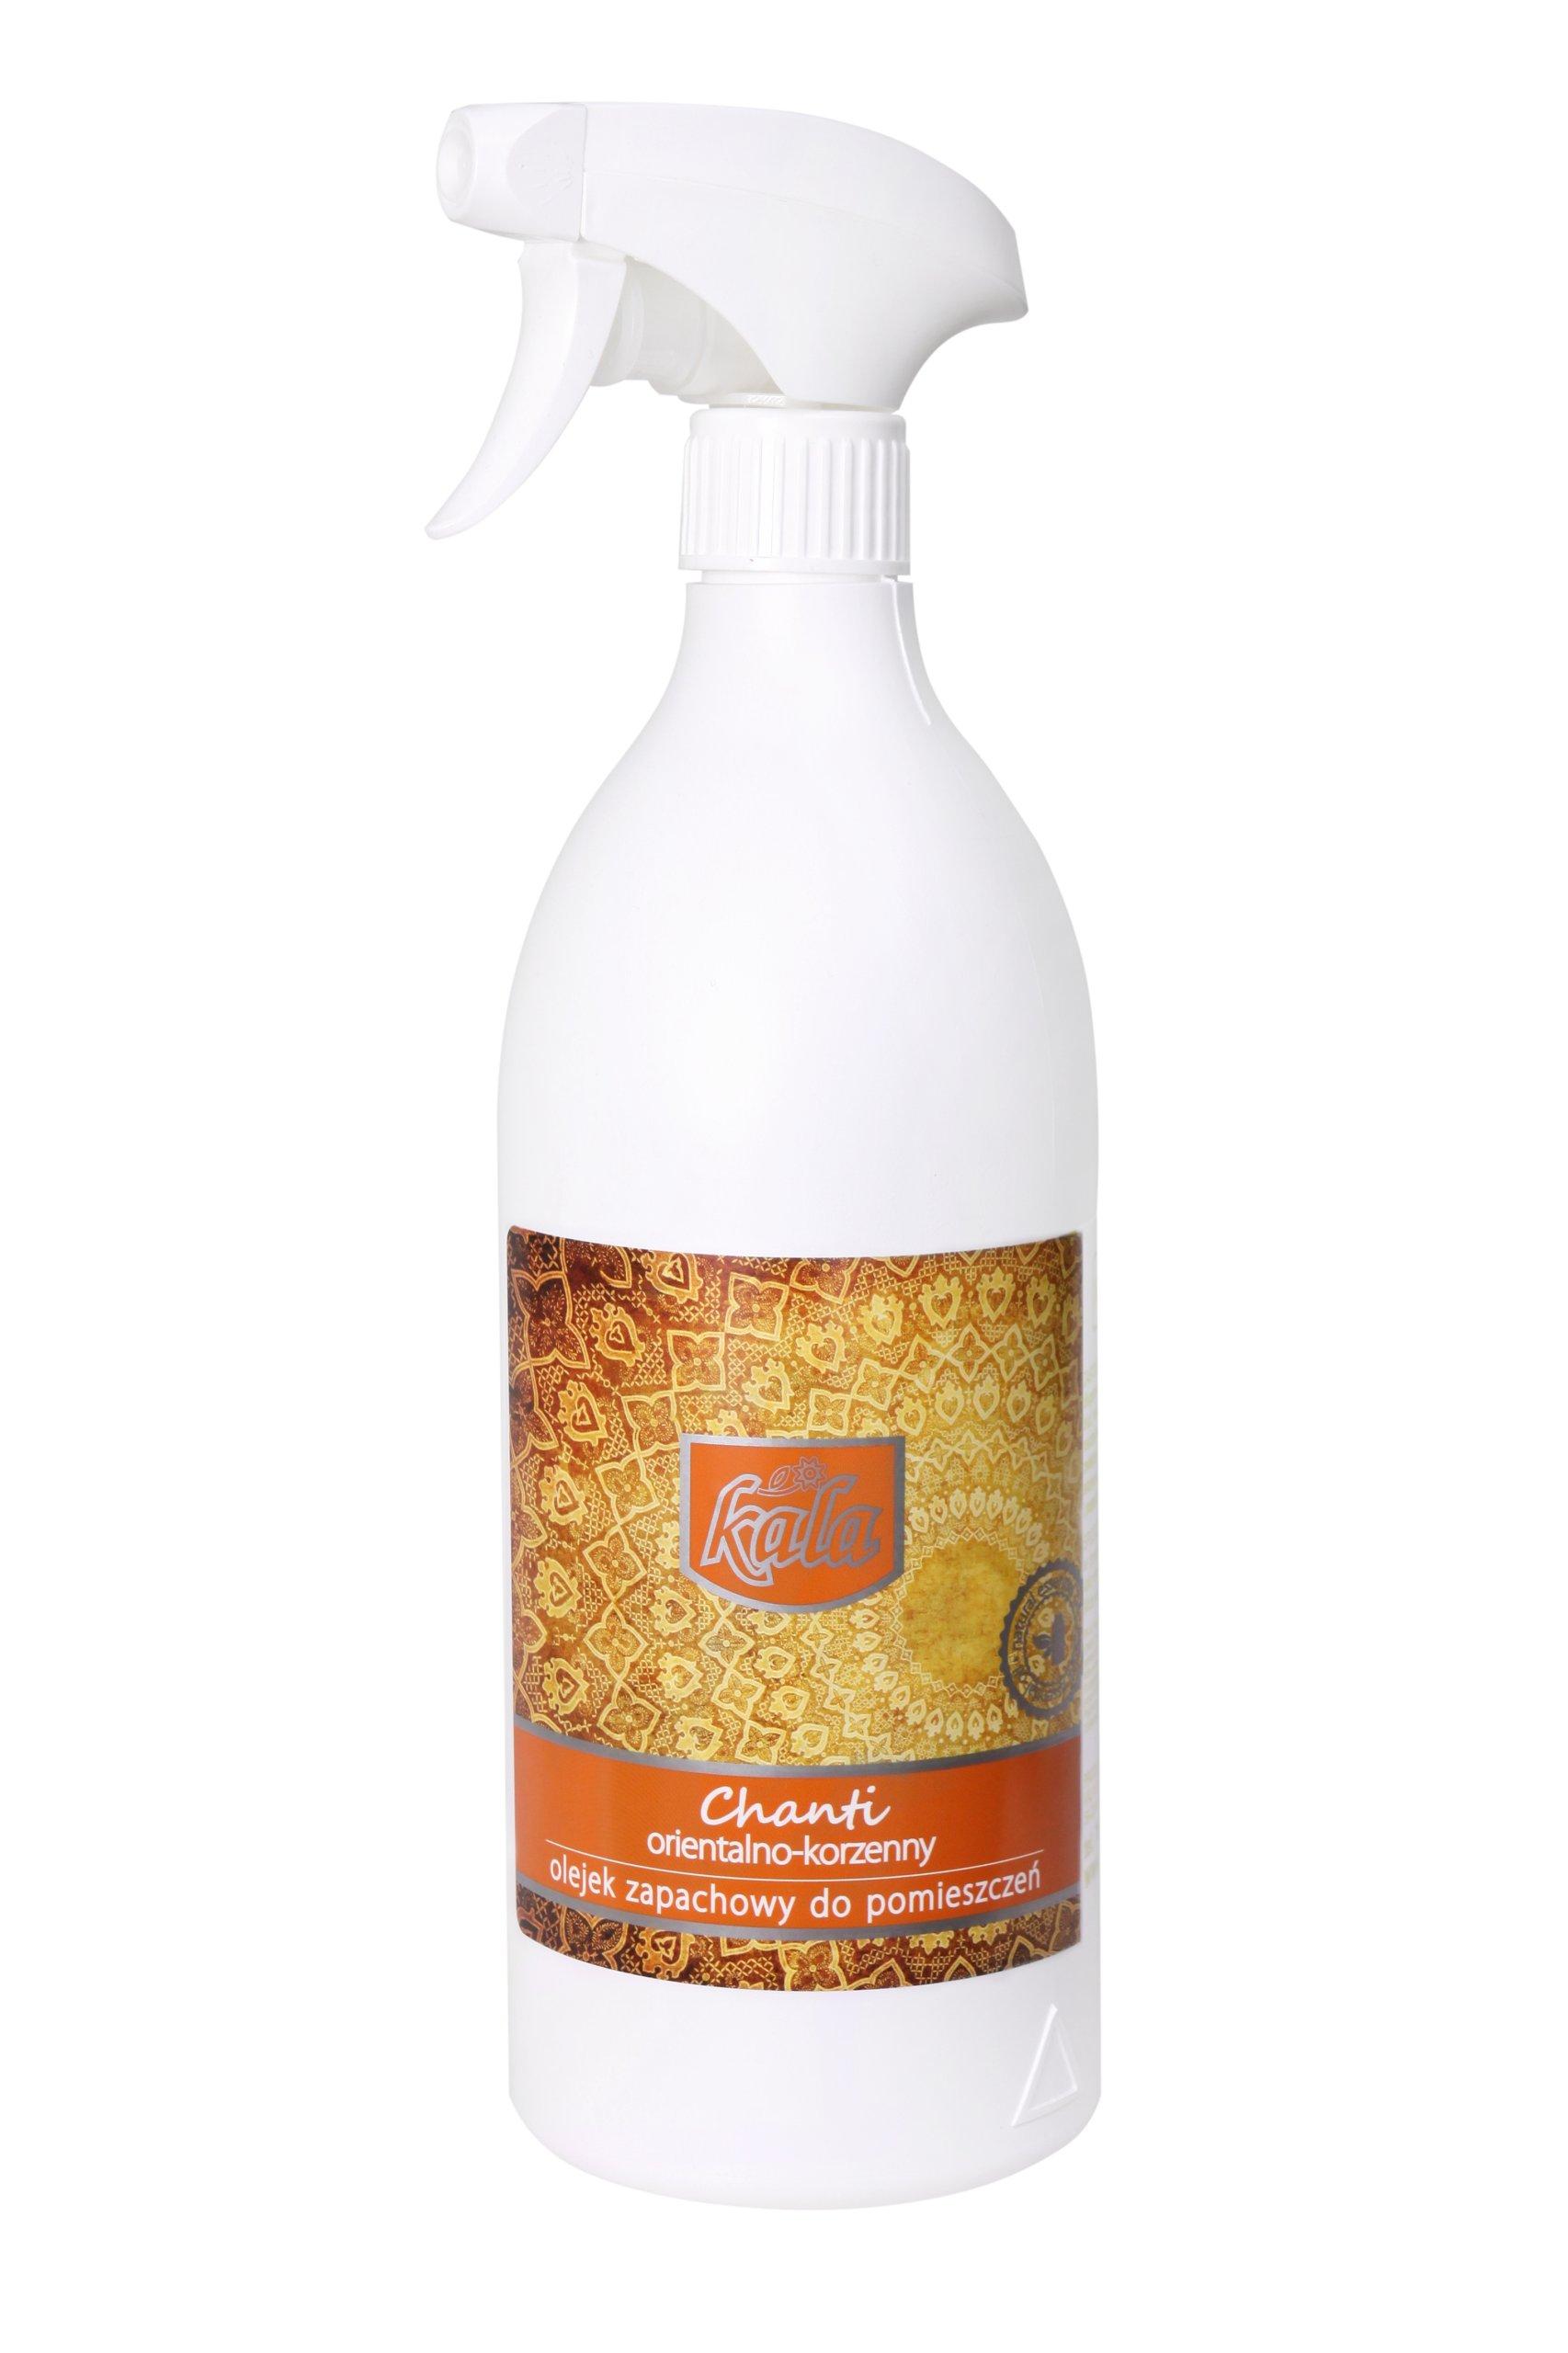 KALA CHANTI эфирное масло аромат. Восточный, Пряный 1Л